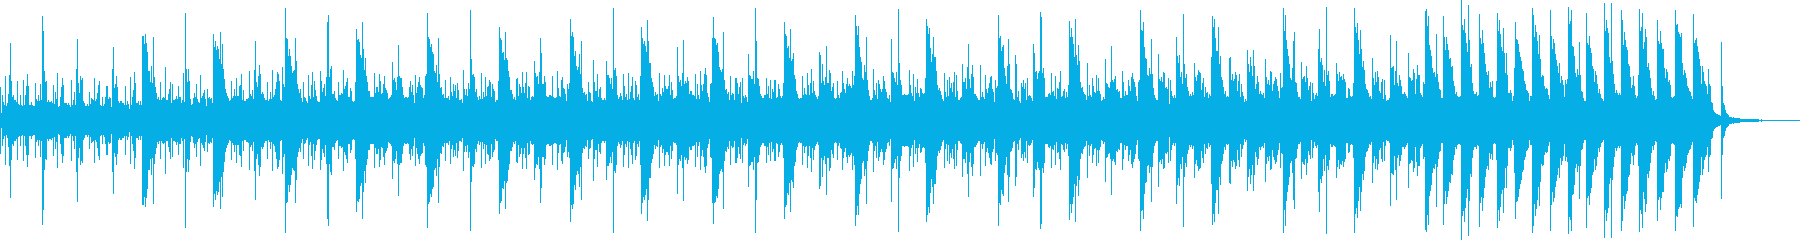 ピアノが響く背景として活躍できる音楽 の再生済みの波形